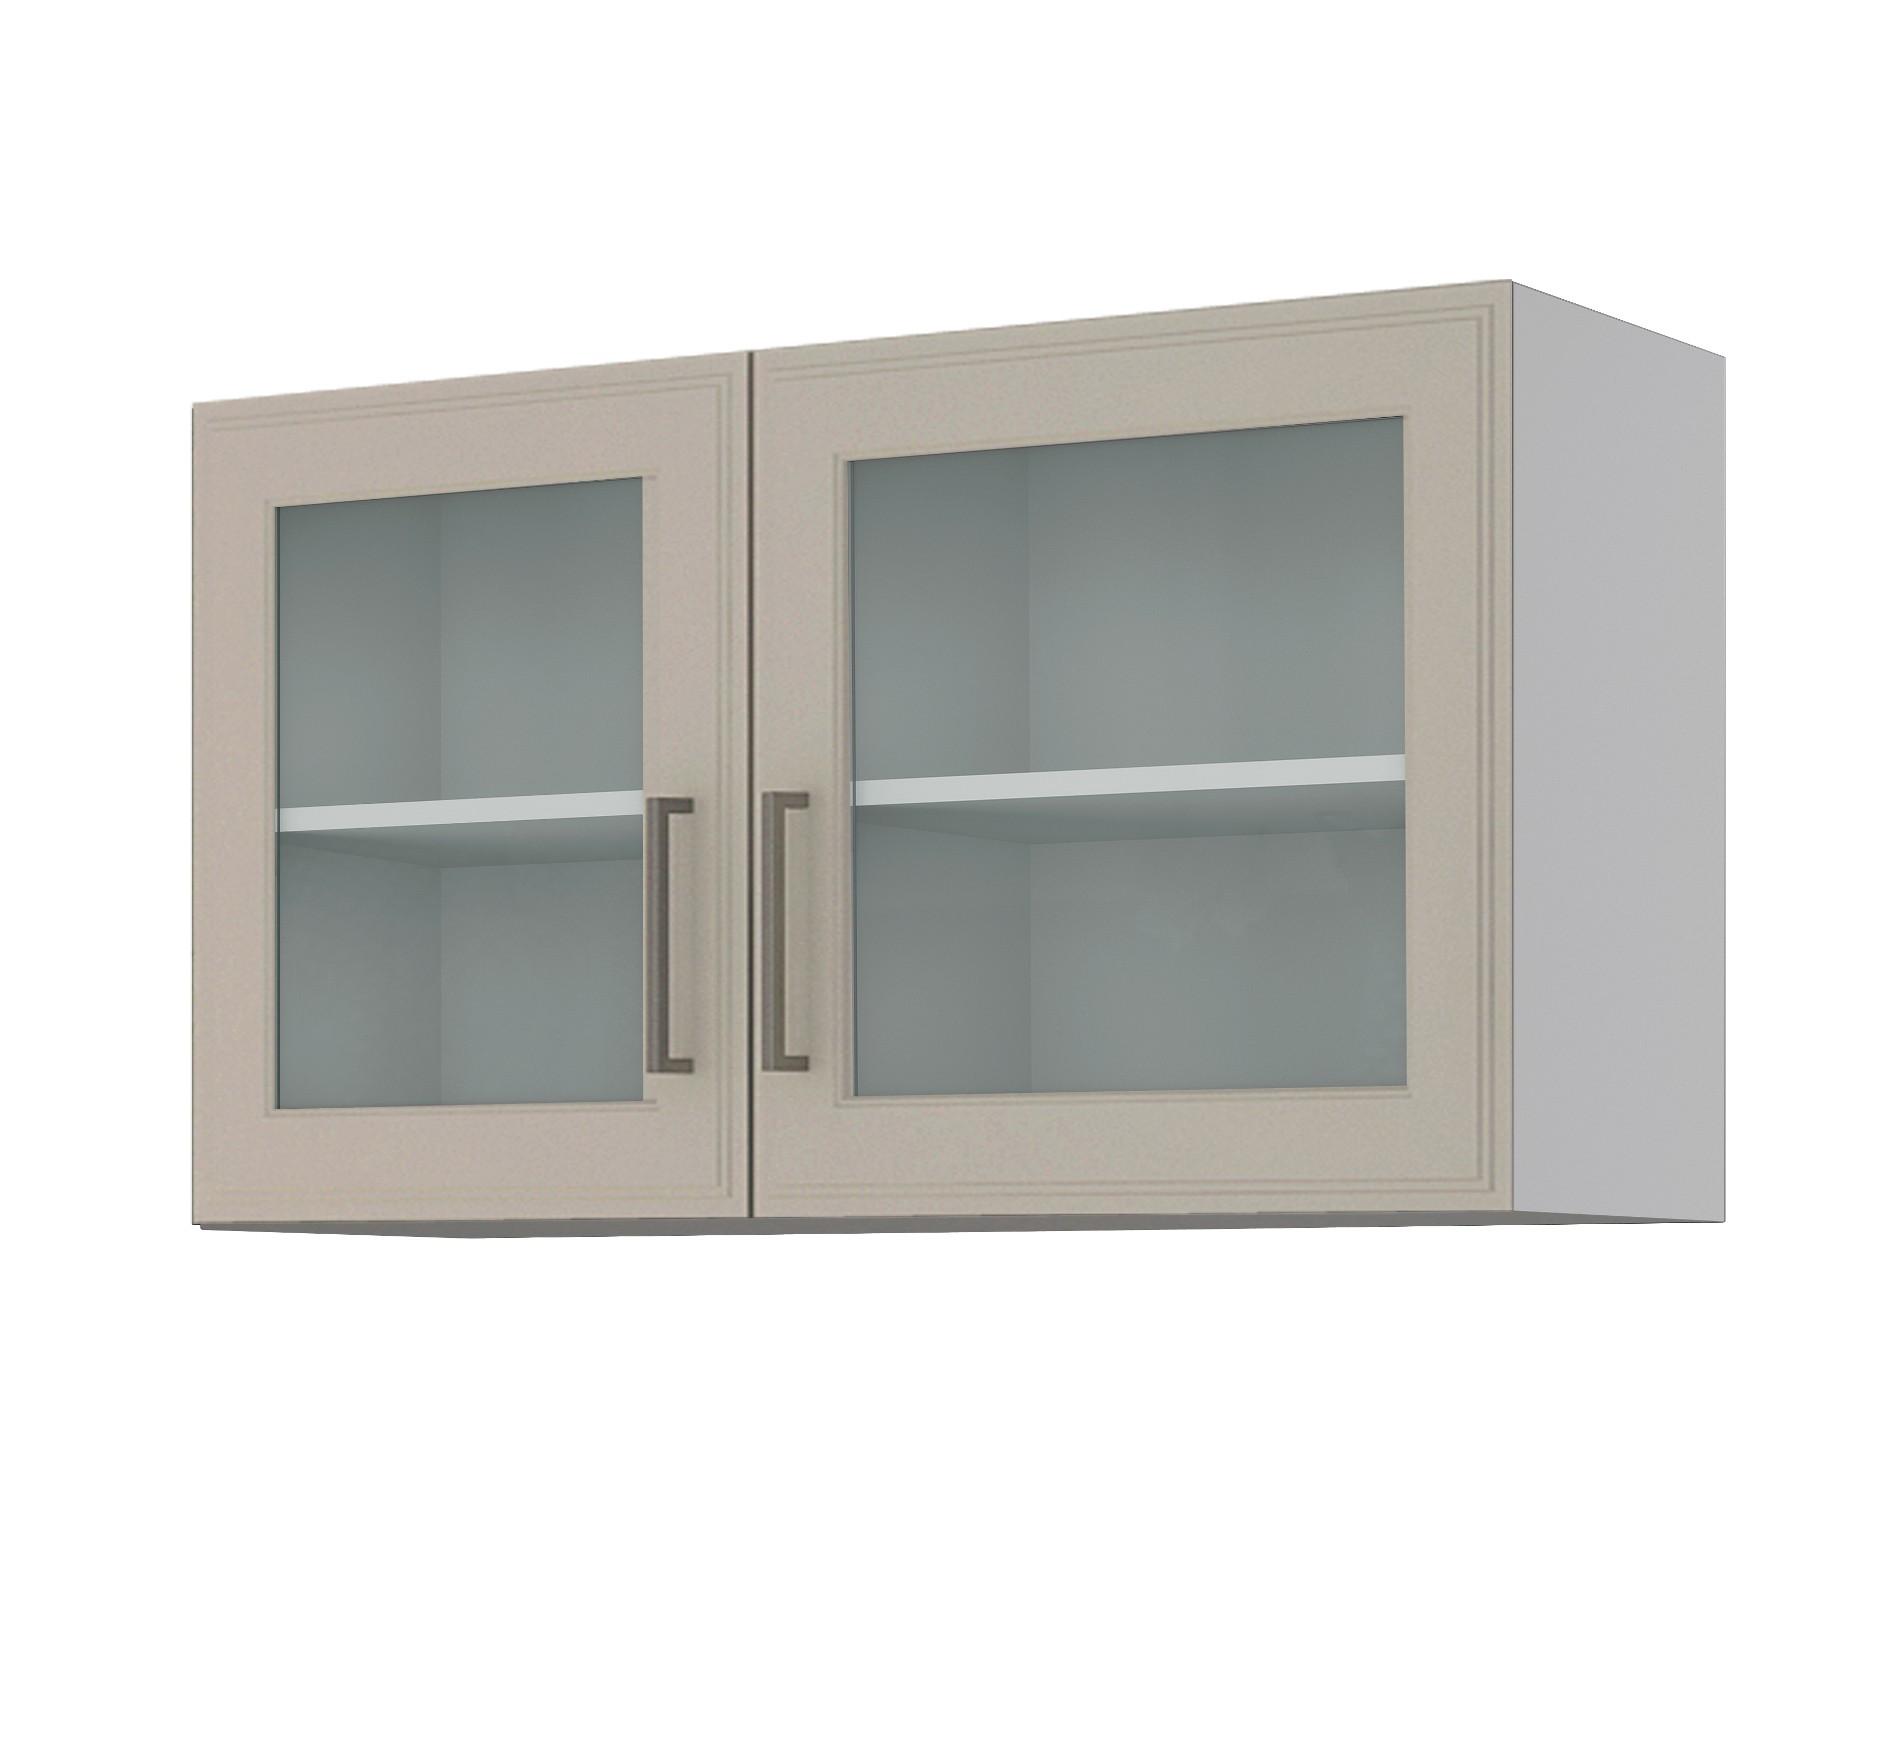 Details zu Glas-Hängeschrank KÖLN Glasschrank Oberschrank mit 10 Glastüren  10 cm weiss